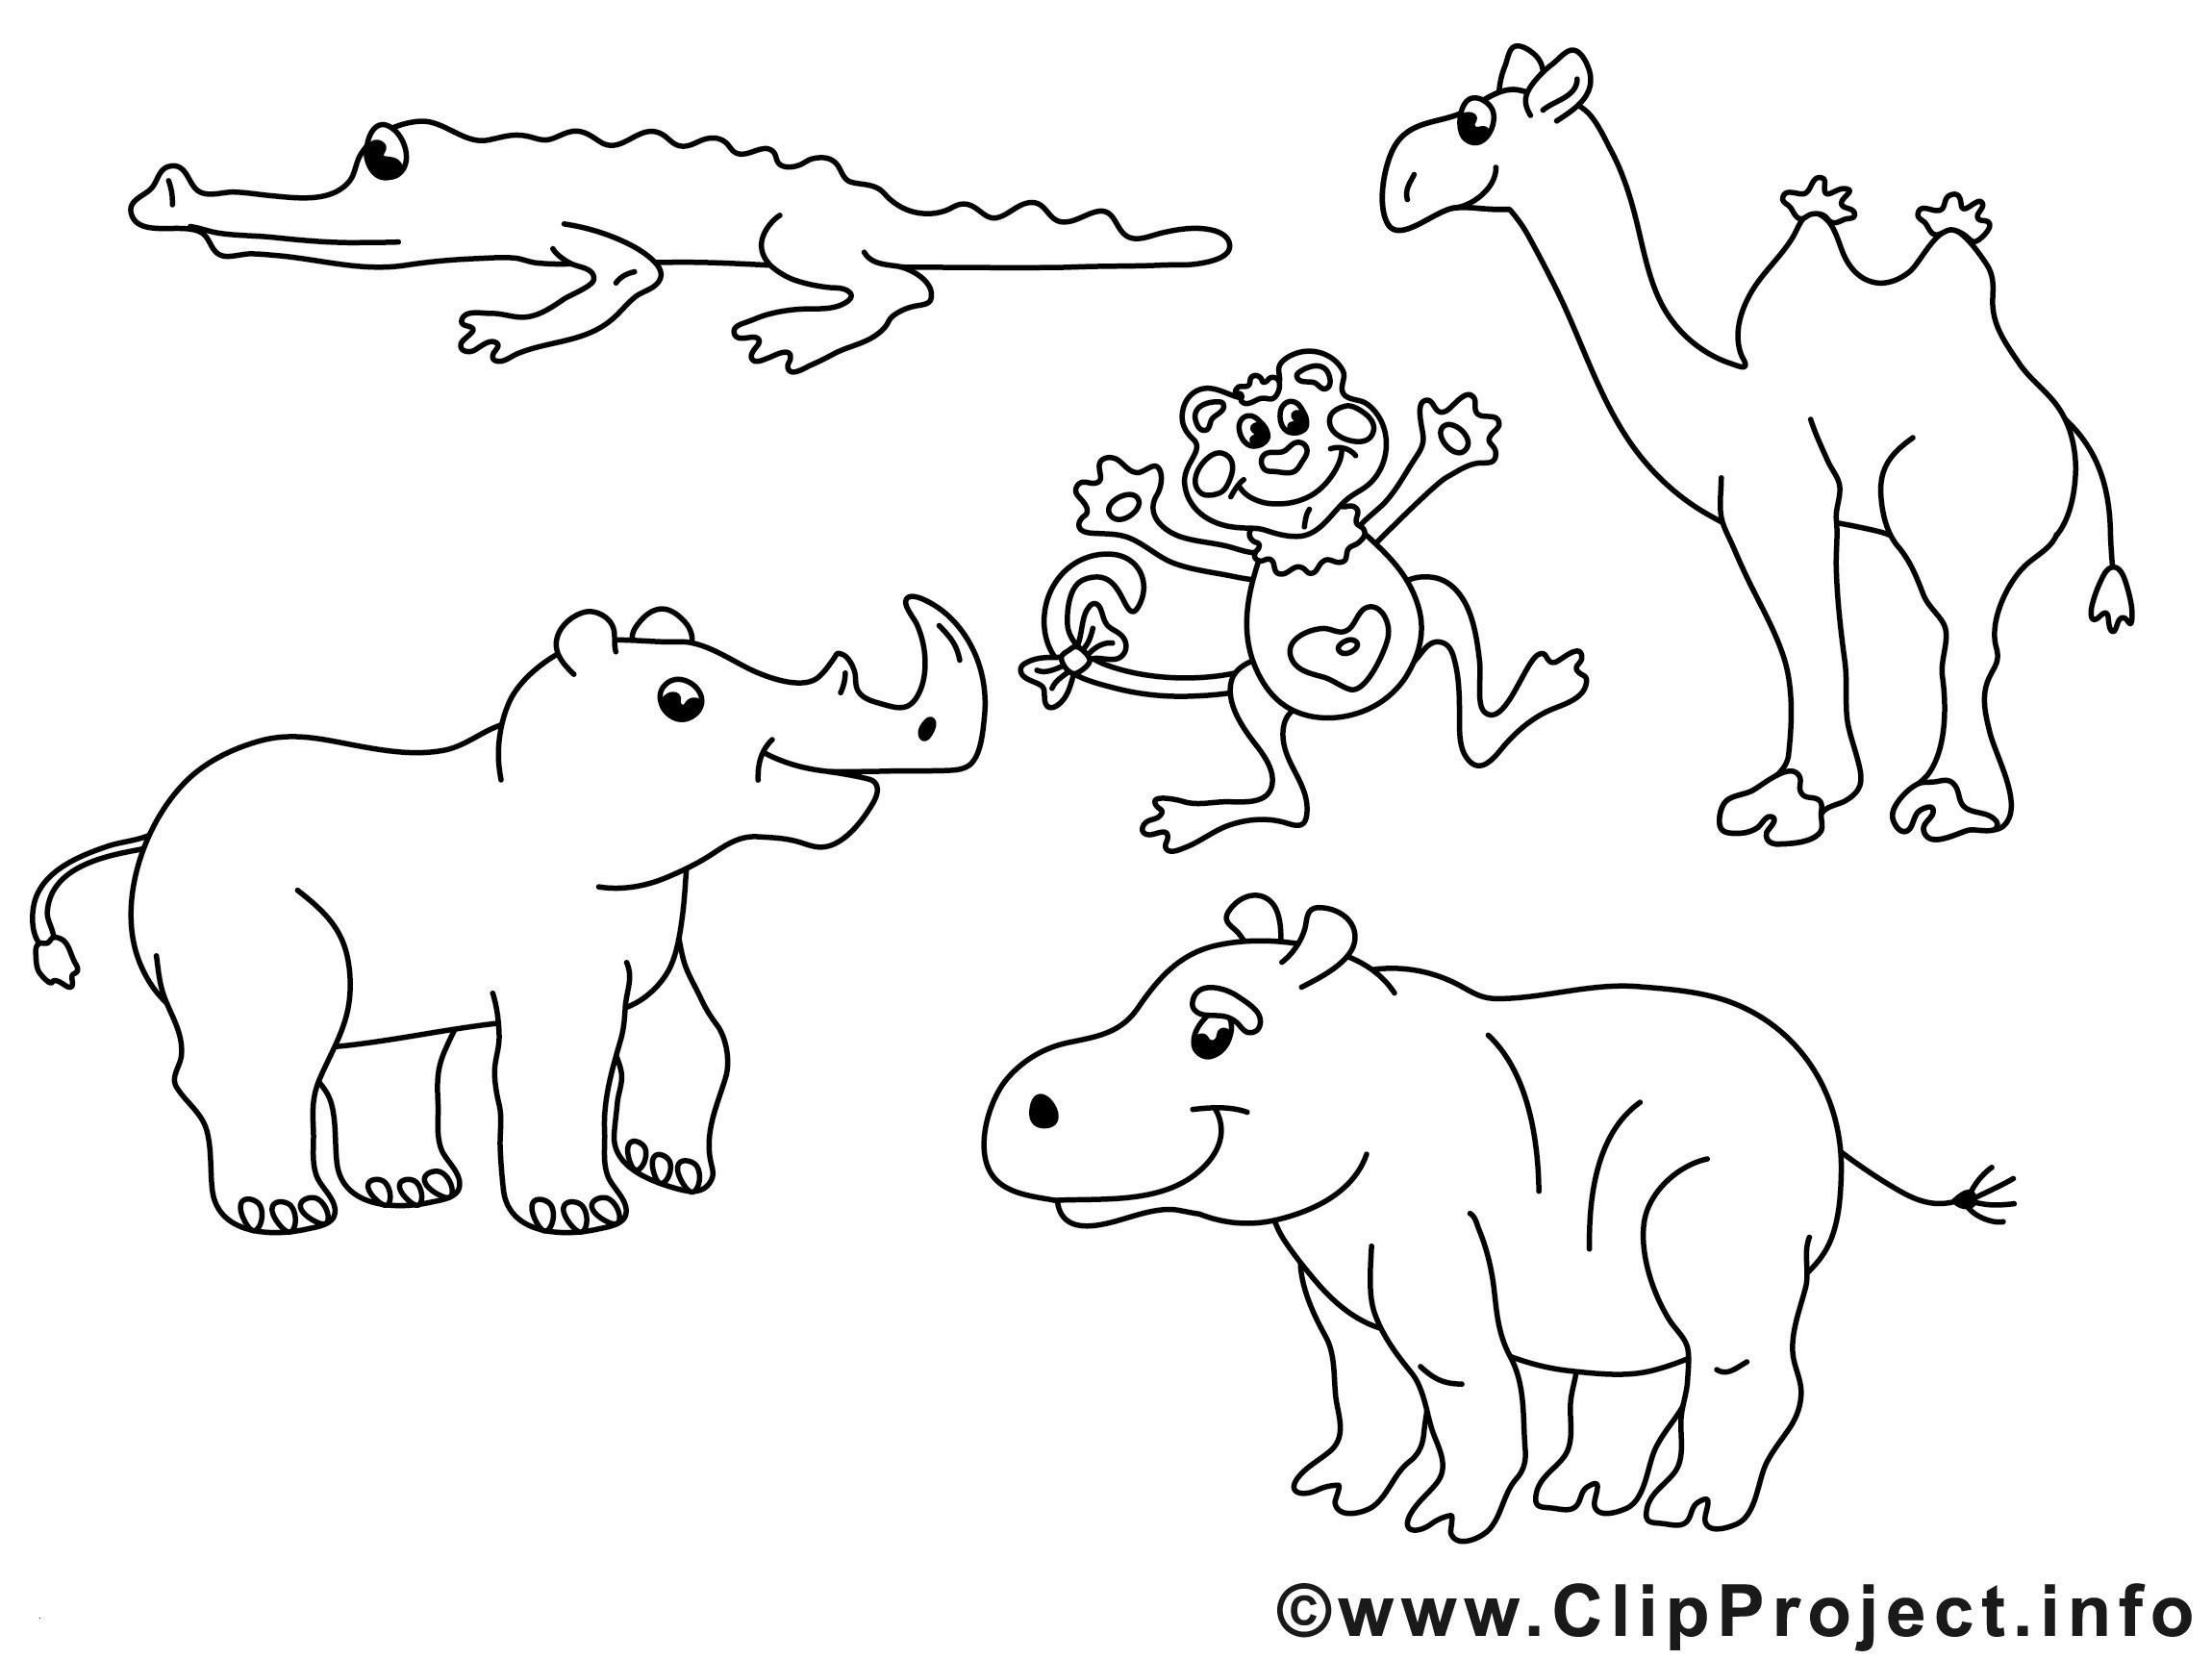 In Einem Land Vor Unserer Zeit Ausmalbilder Das Beste Von Mompitz Ausmalbilder Genial Ausmalbilder Dinosaurier In Einem Land Galerie